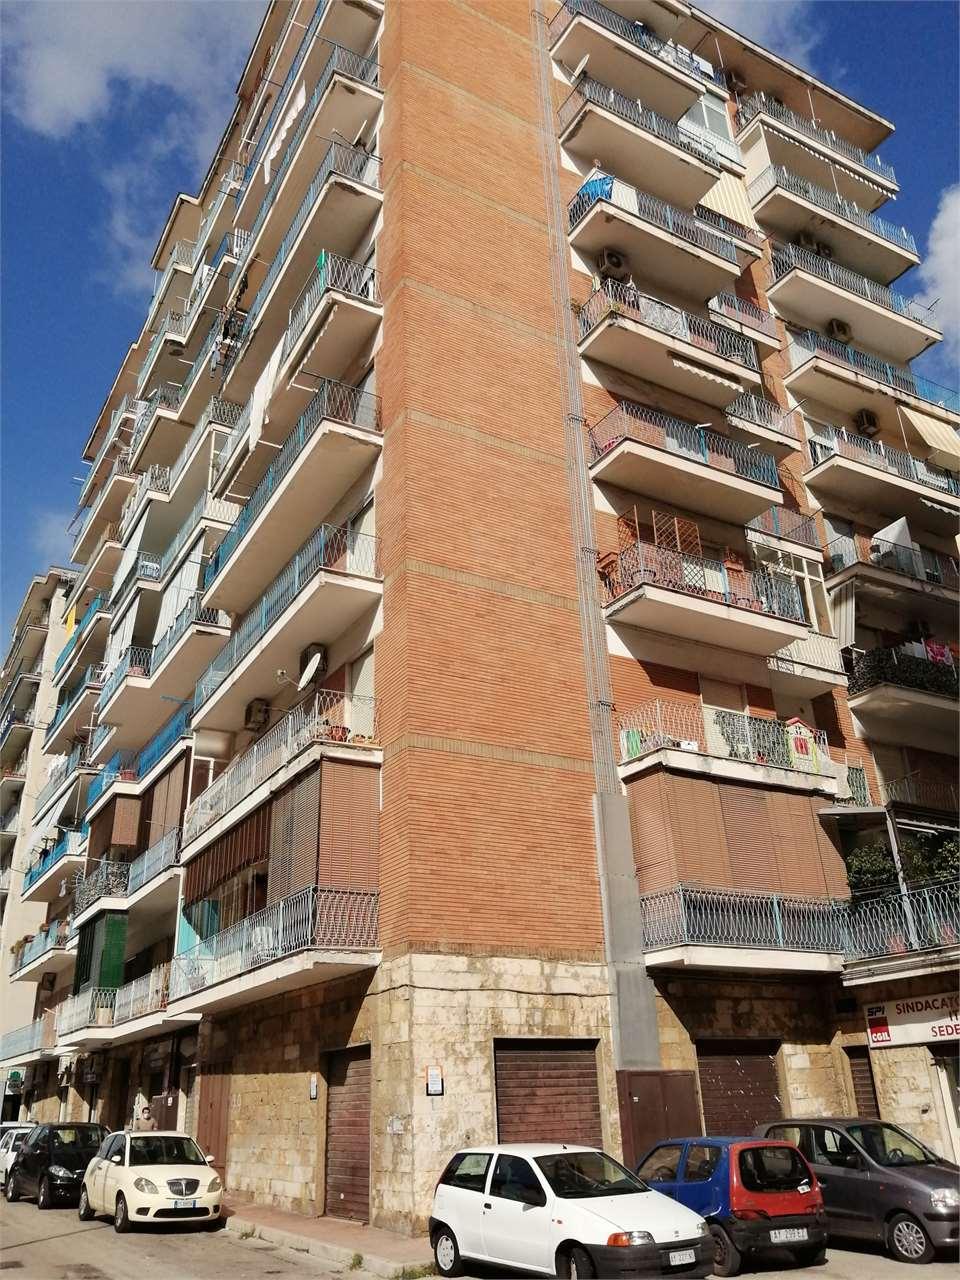 Negozio / Locale in affitto a Aversa, 2 locali, zona Località: CENTRO/SUD, prezzo € 750 | CambioCasa.it